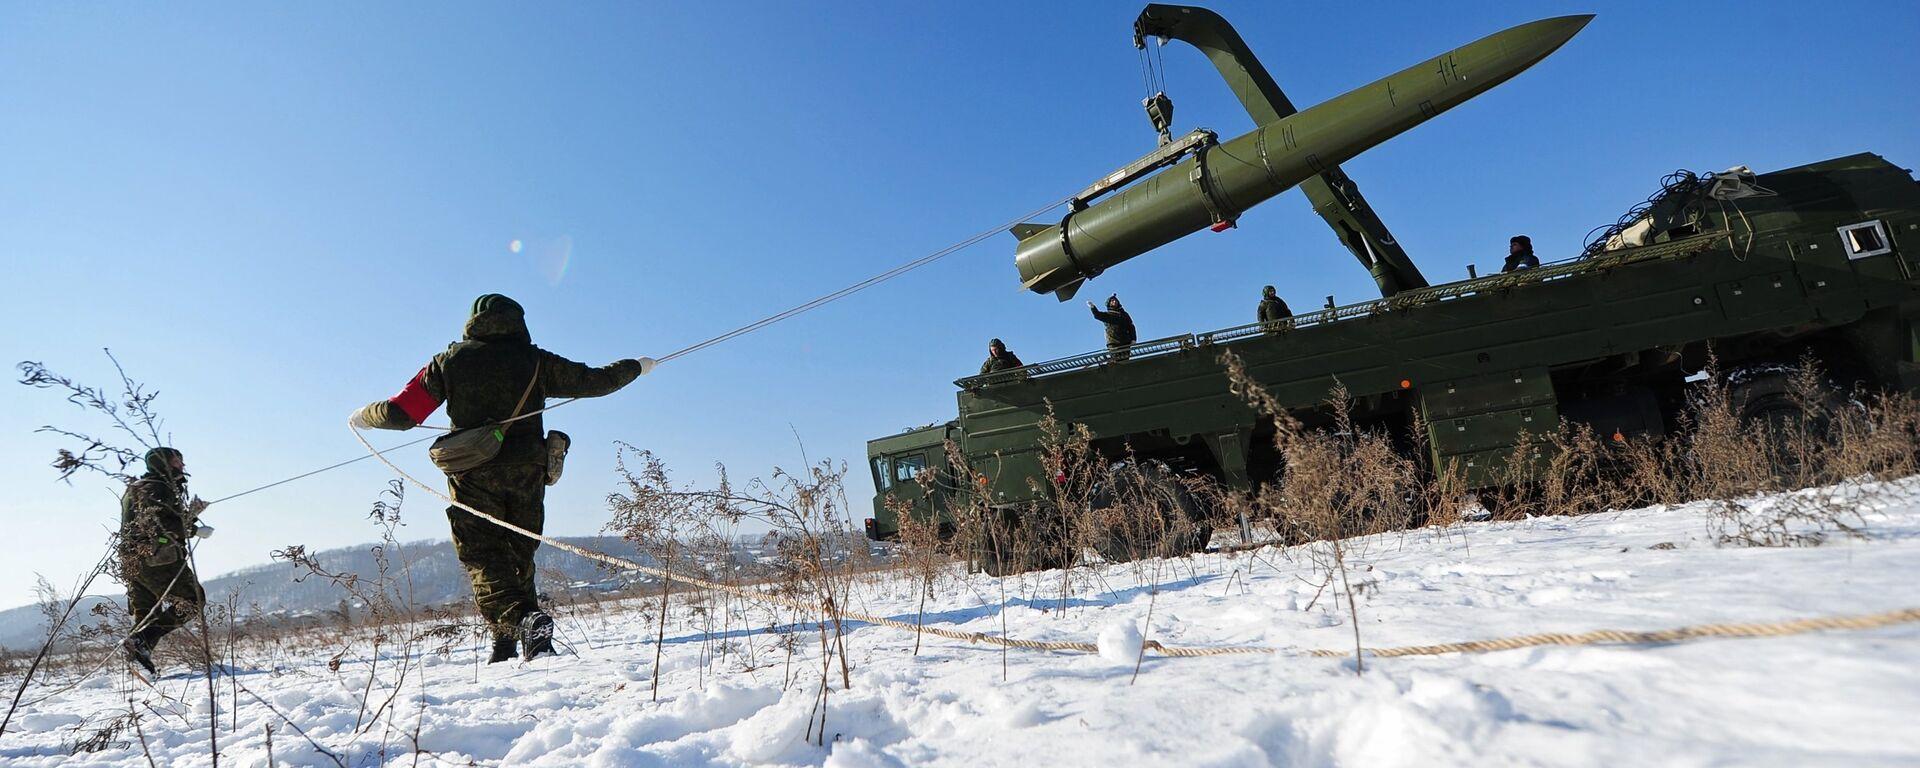 Военнослужащие ВС РФ контролируют загрузку ракеты транспортно-заряжающий машиной на самоходную пусковую установку оперативно-тактического ракетного комплекса Искандер-М - Sputnik Latvija, 1920, 11.03.2021